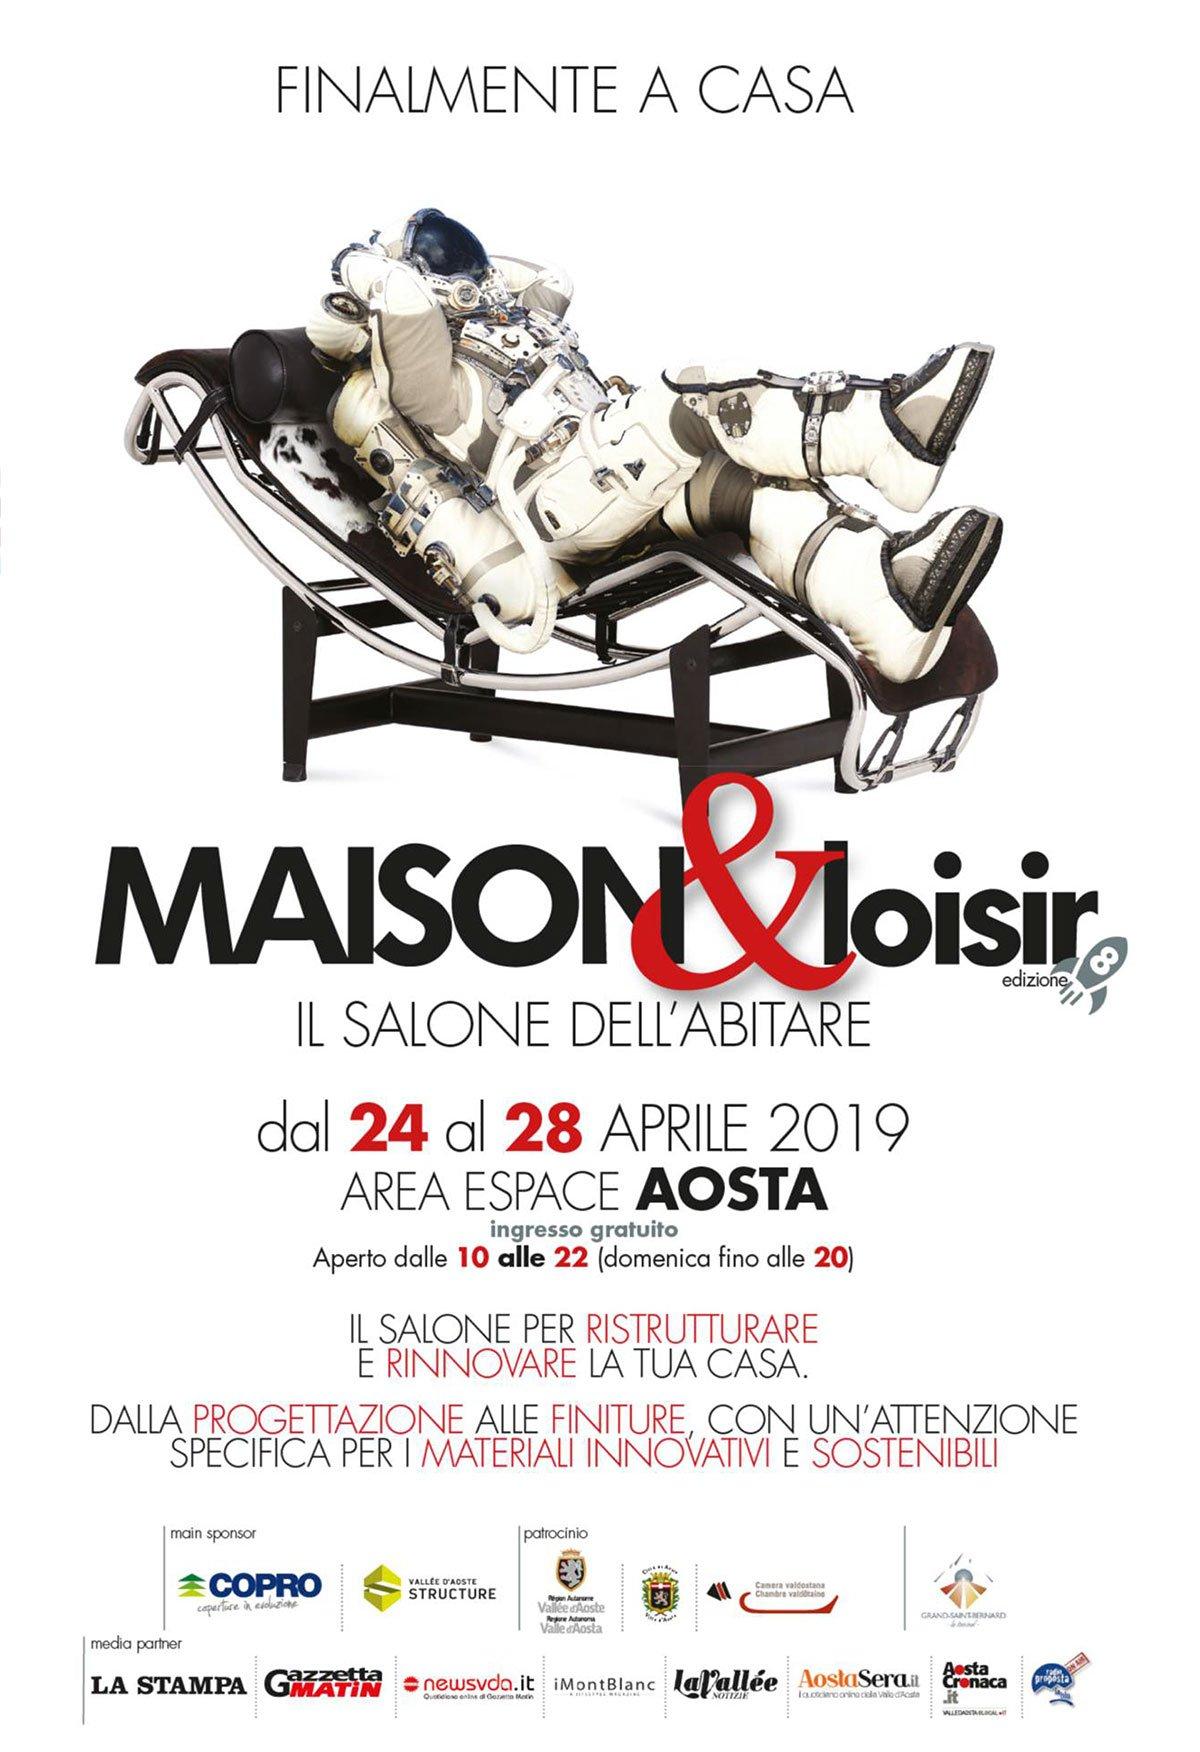 Maison & Loisir, Il Salone dell'abitare di Aosta, dal 24 al 28 aprile